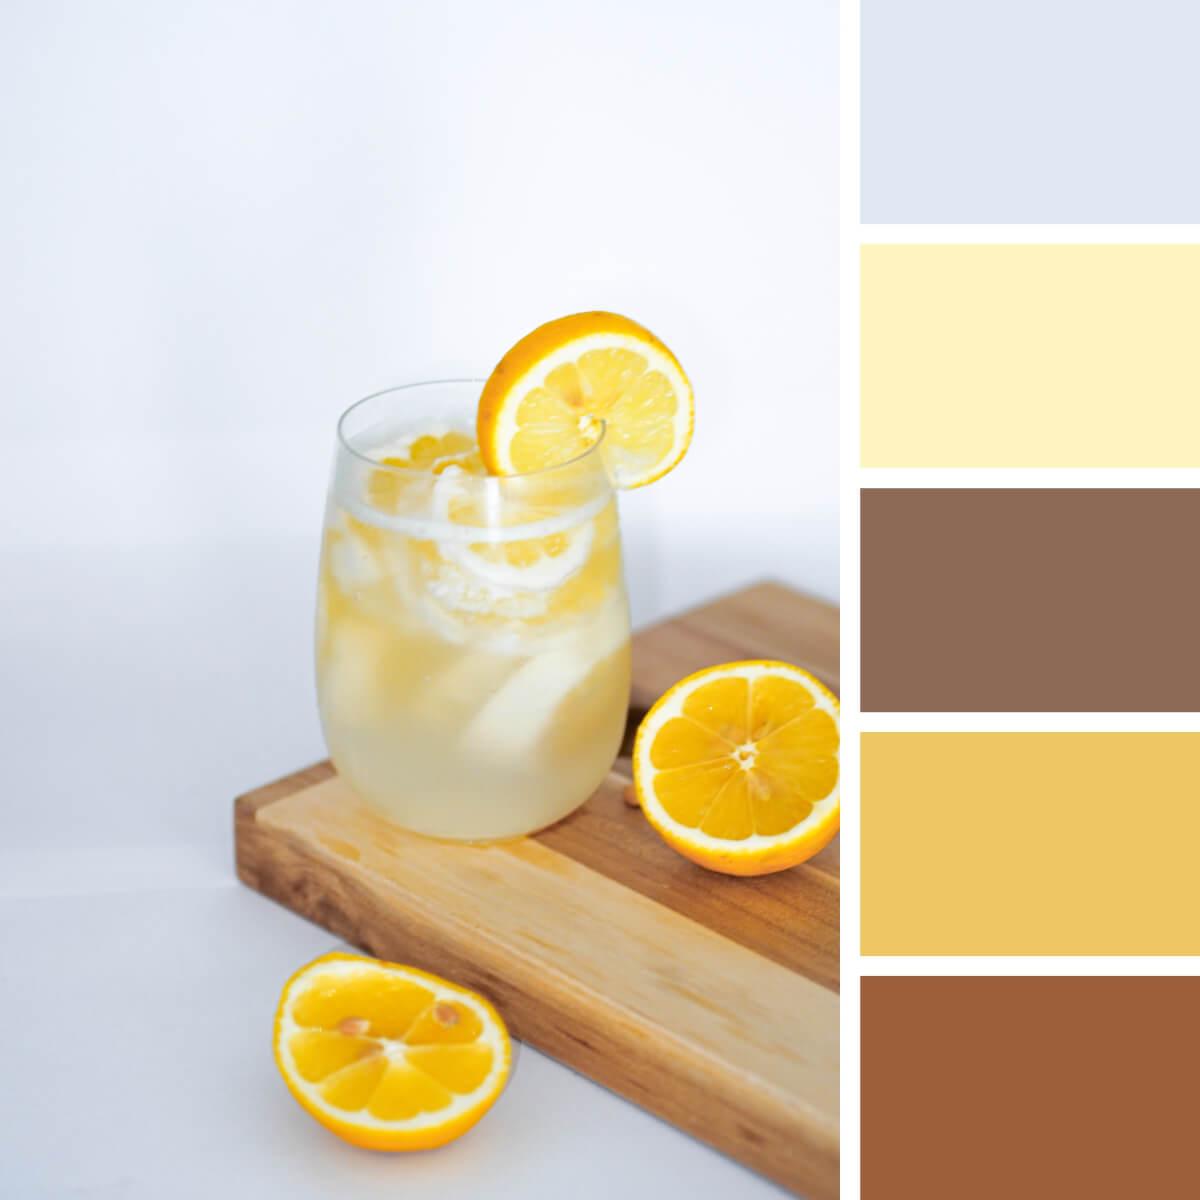 Wood & Lemon Yellow